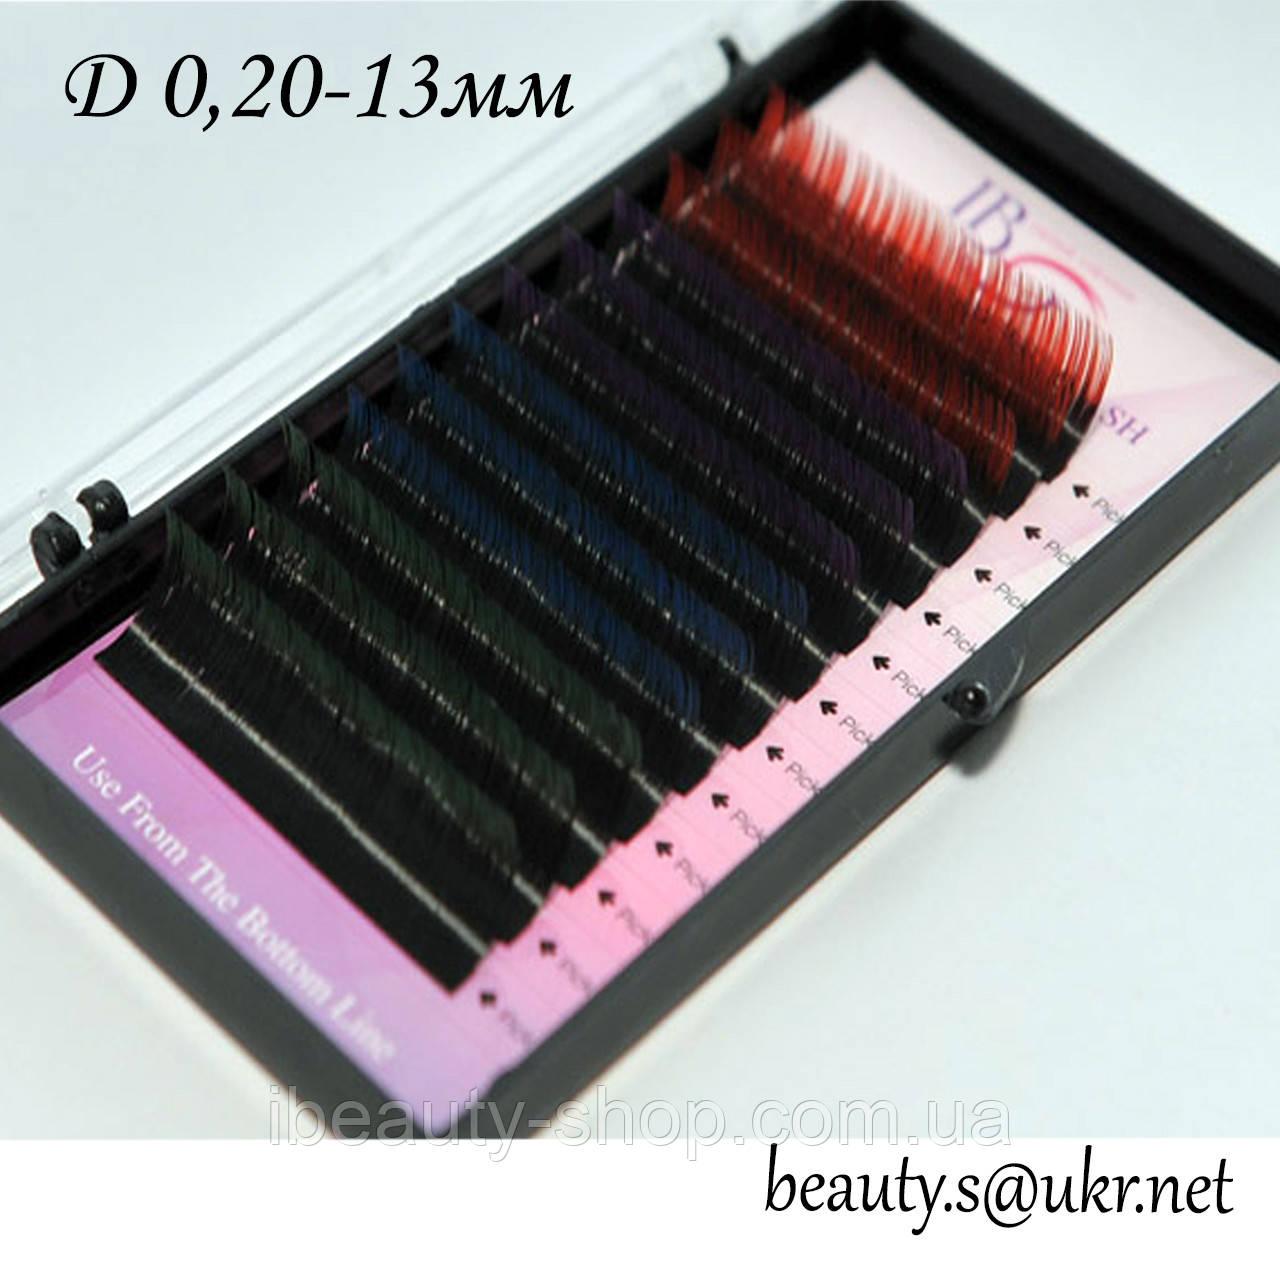 Вії I-Beauty, Д 0,20-13мм,кольорові кінці,4 кольори